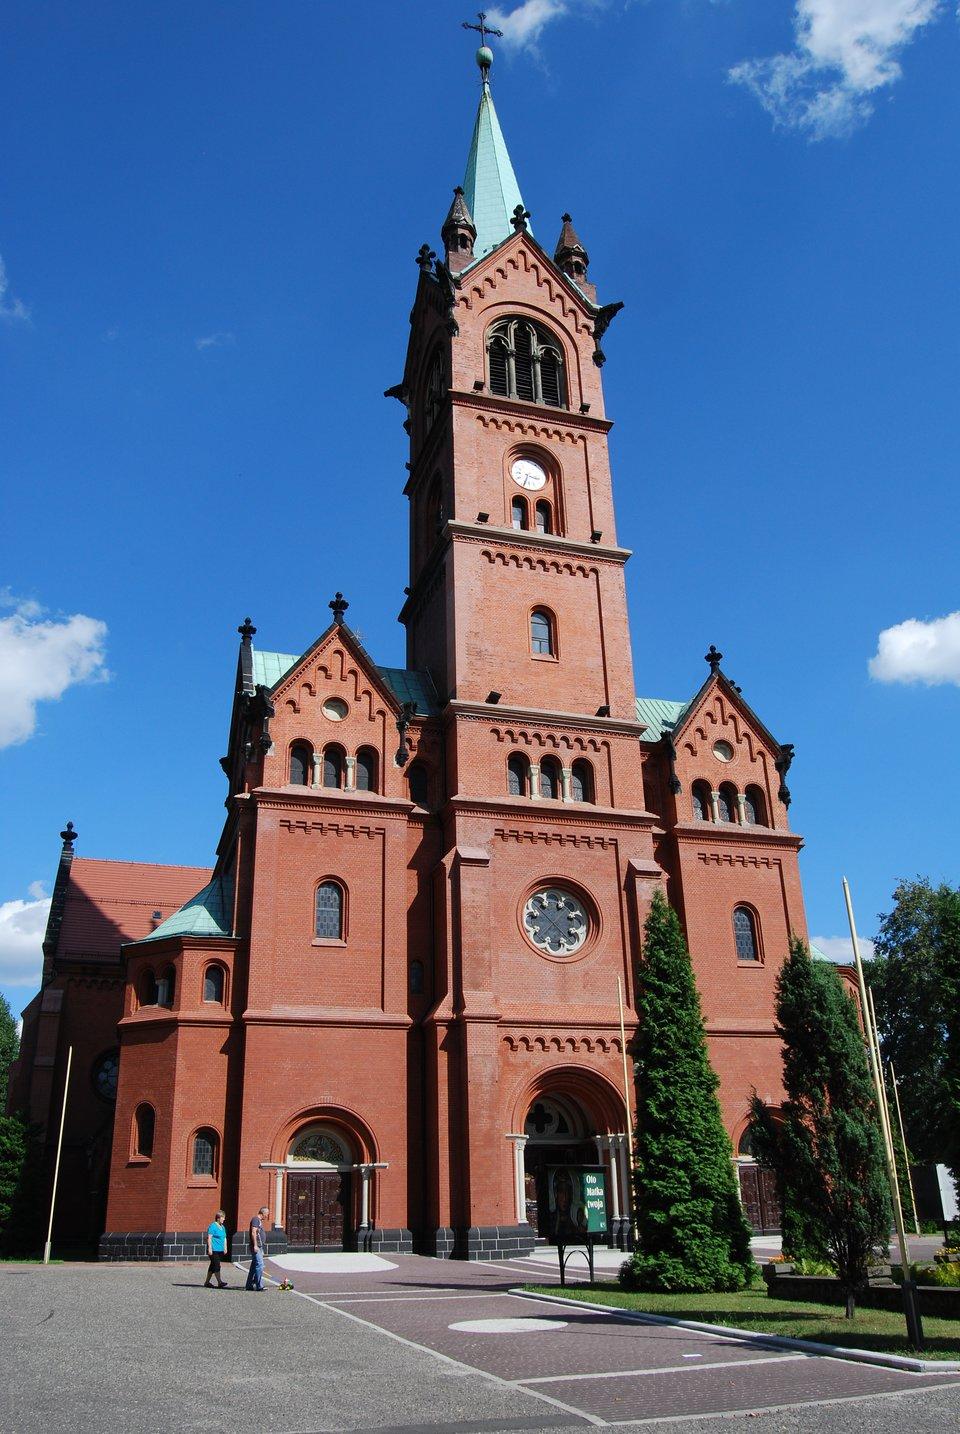 Neoromański kościół św. Anny, wzniesiony 1897-1900 Źródło: KristofferS, Neoromański kościół św. Anny, wzniesiony 1897-1900, 2012, licencja: CC BY-SA 3.0.